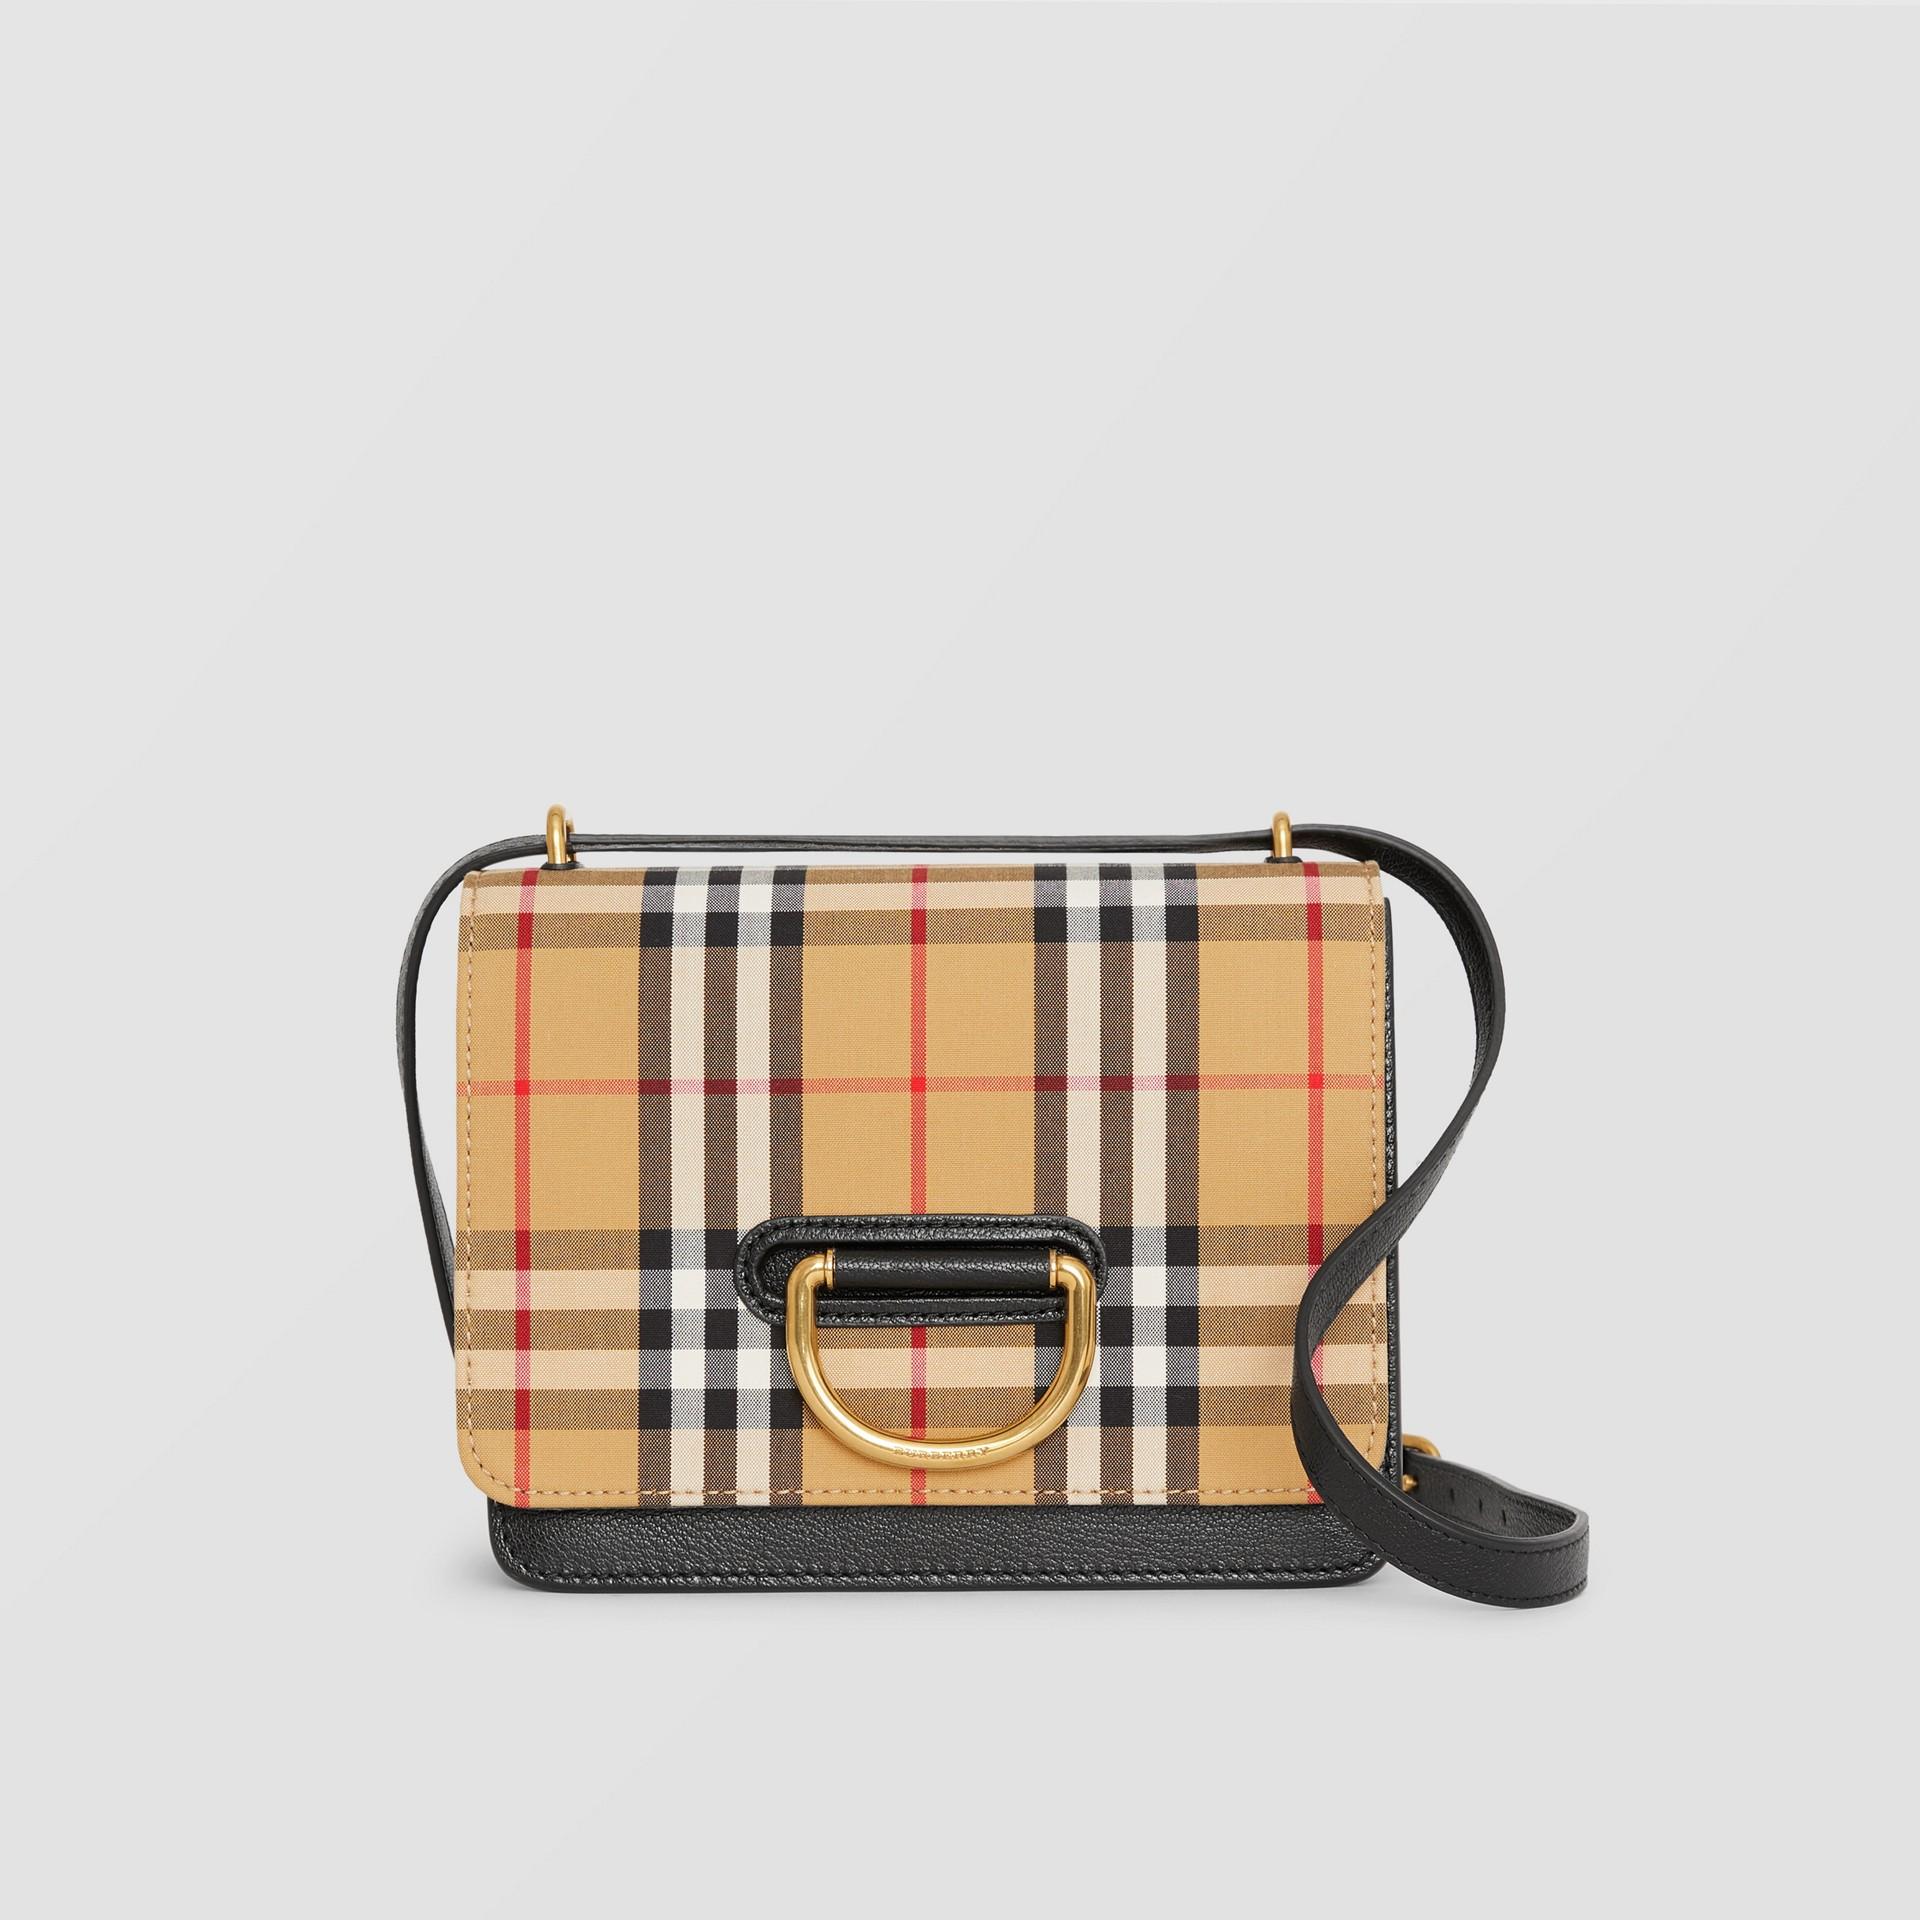 Bolso D-ring pequeño en tejido de Vintage Checks y piel (Negro / Amarillo Envejecido) - Mujer | Burberry - imagen de la galería 0